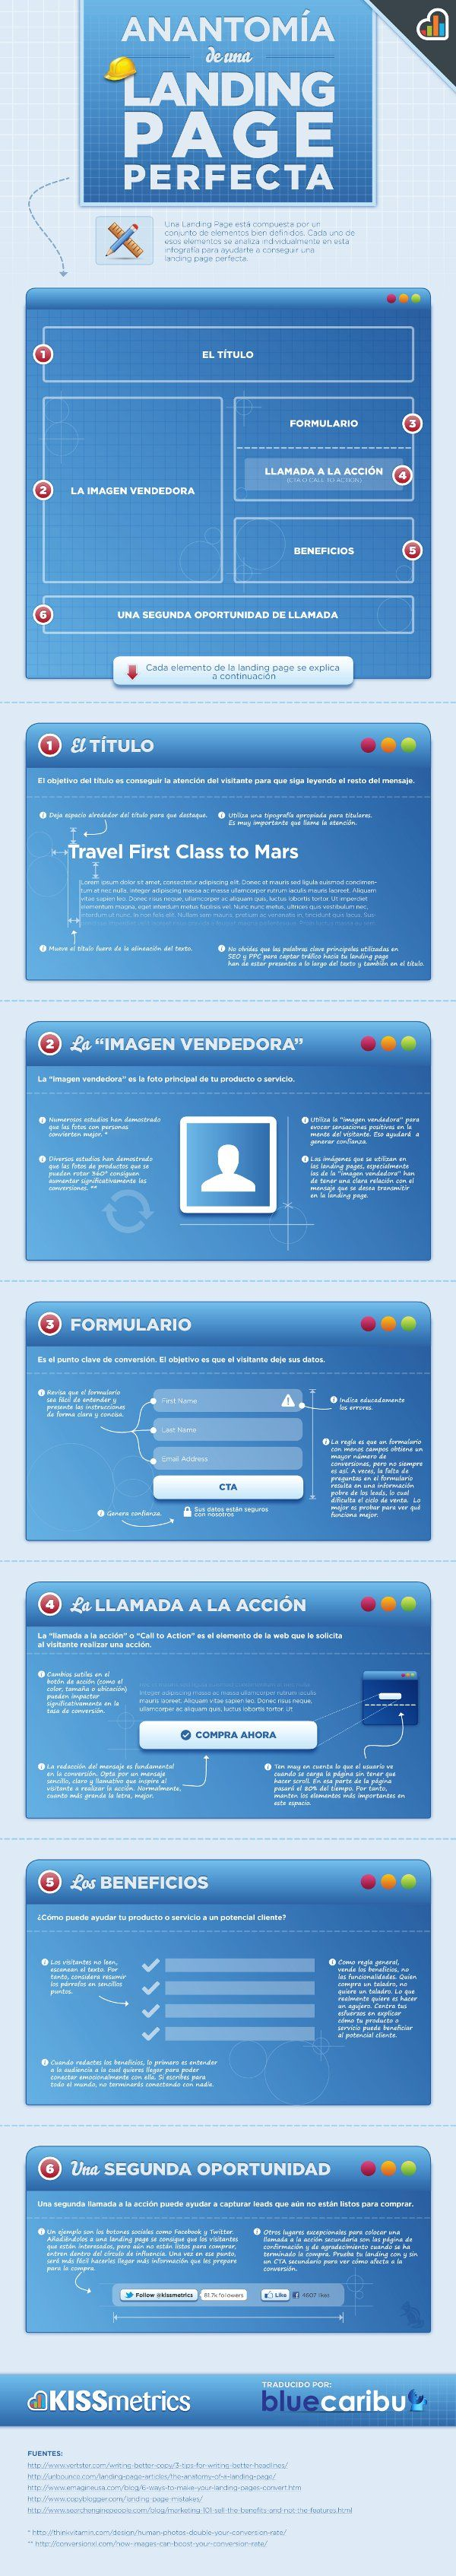 Anatomía de una Landing Page Perfecta   #Facebook #Socialmedia #Infografia   @WWWhatsnew